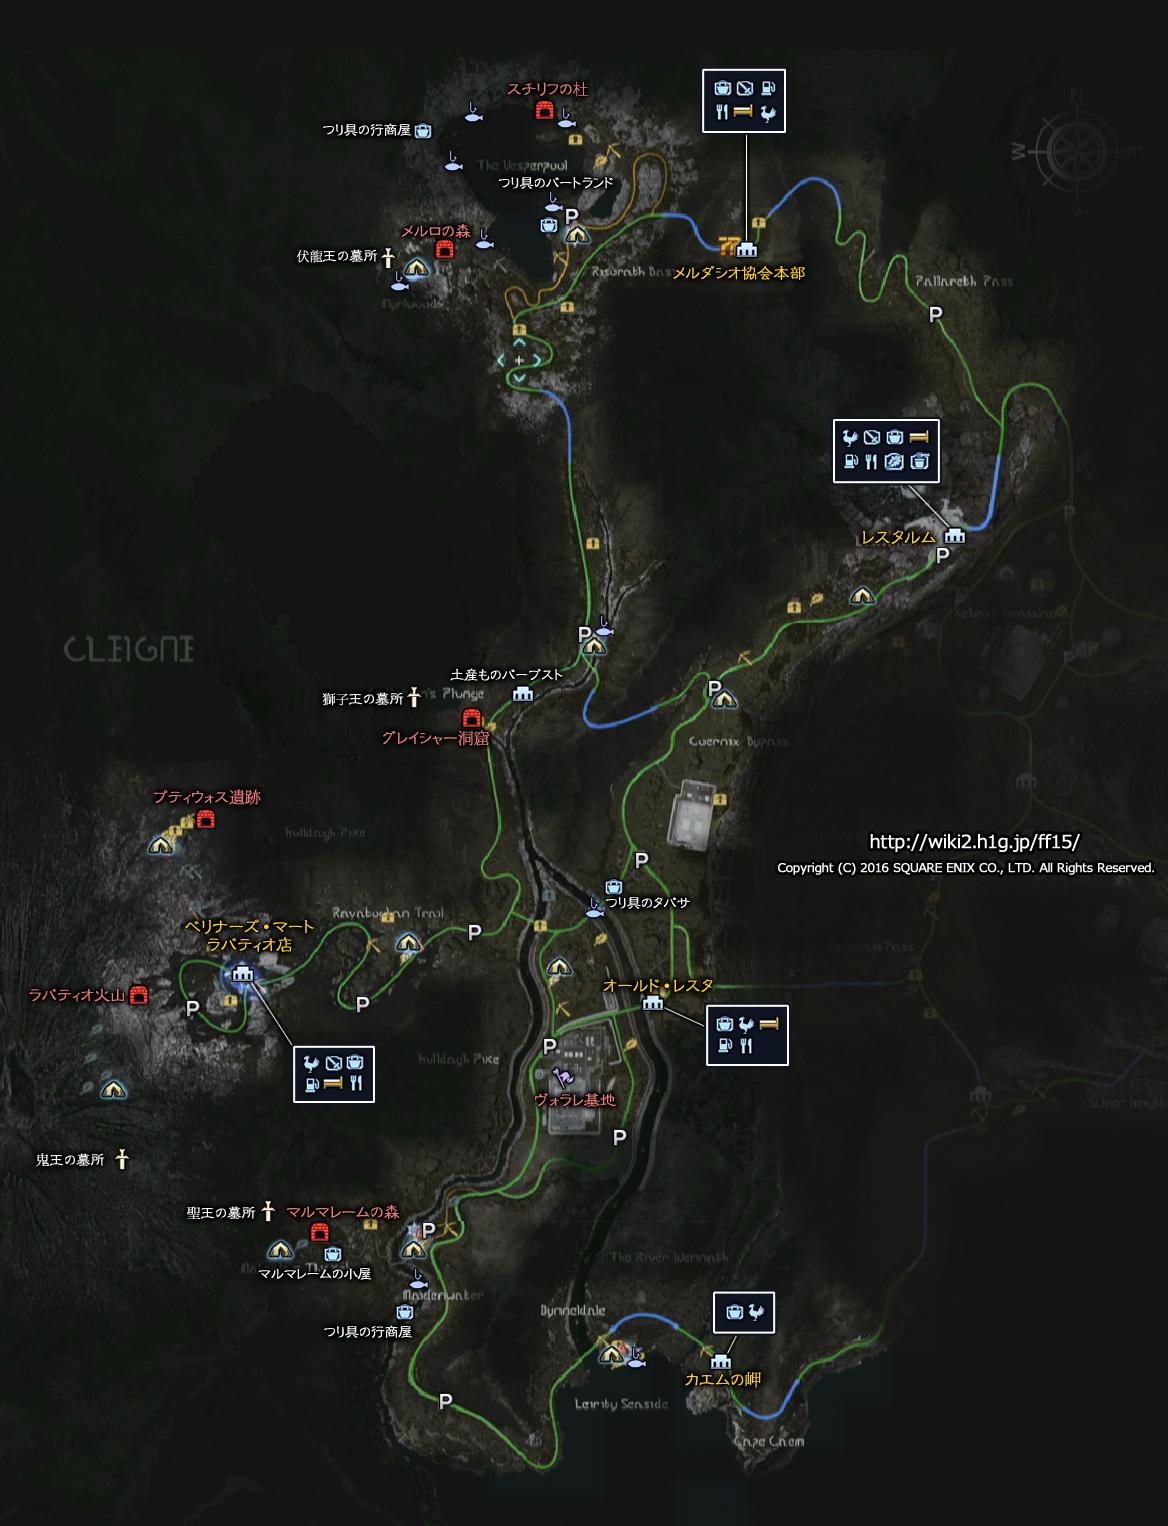 クレイン地方(拠点)_0.jpg